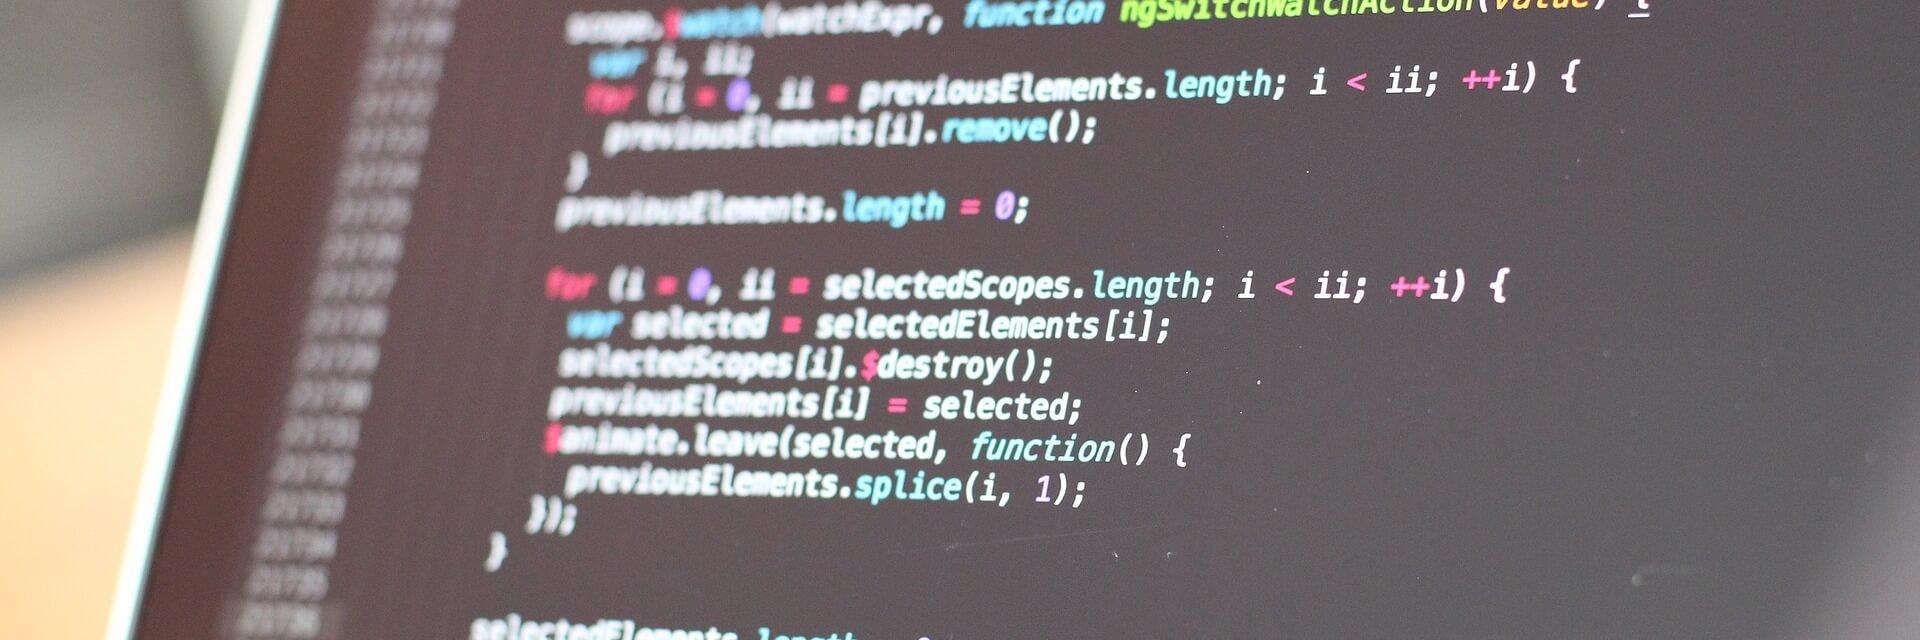 Bildschirm mit Computerprogramm